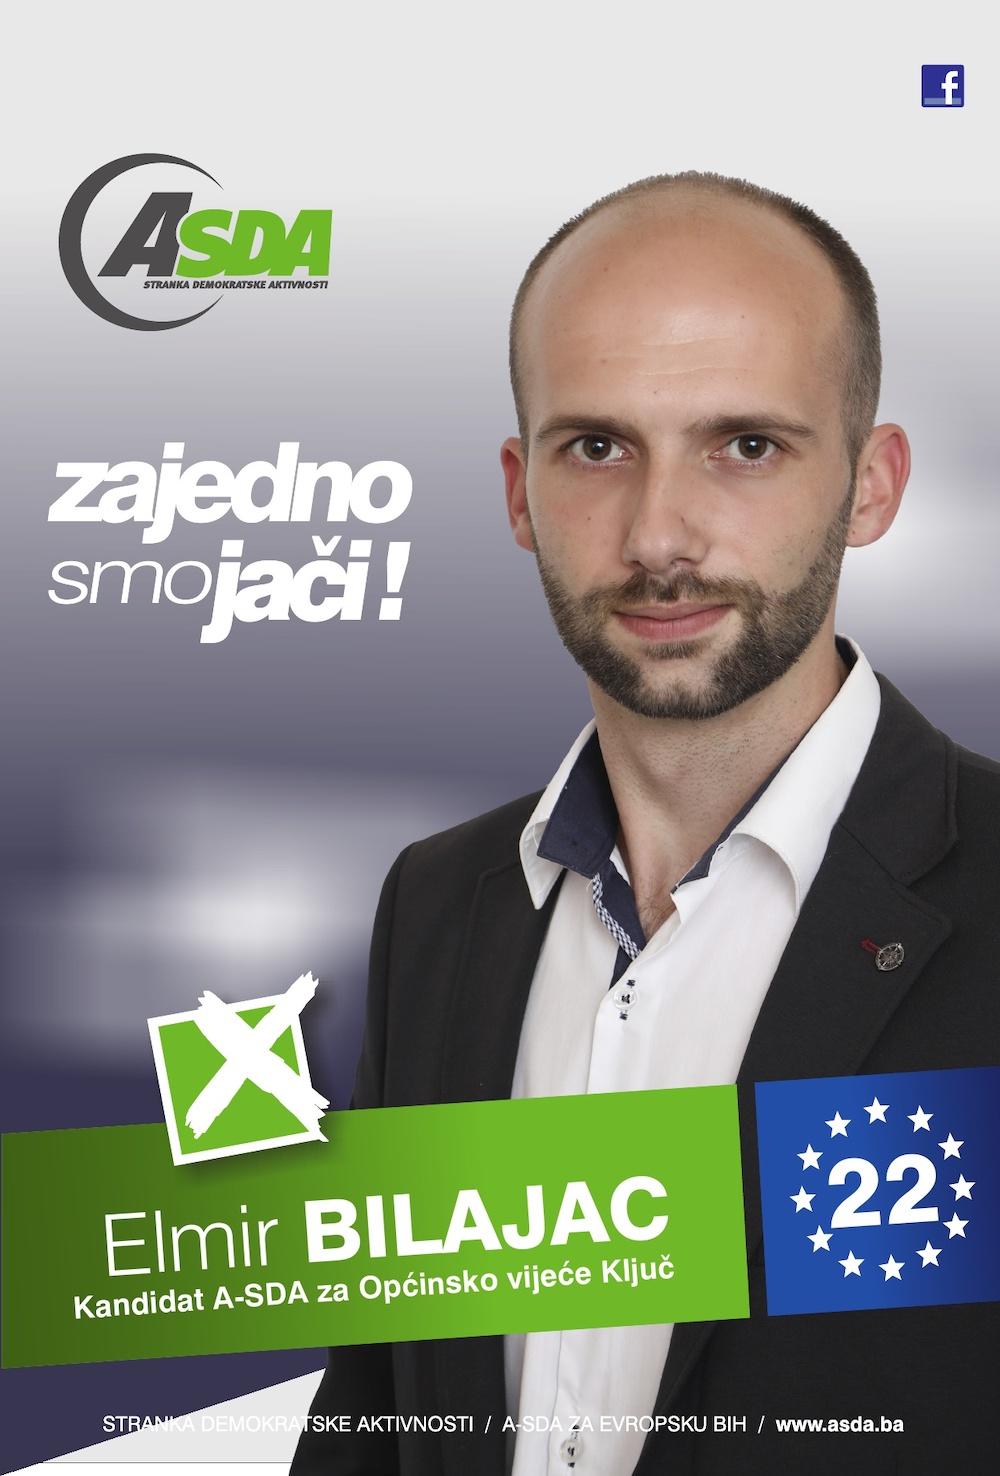 Elmir Bilajac